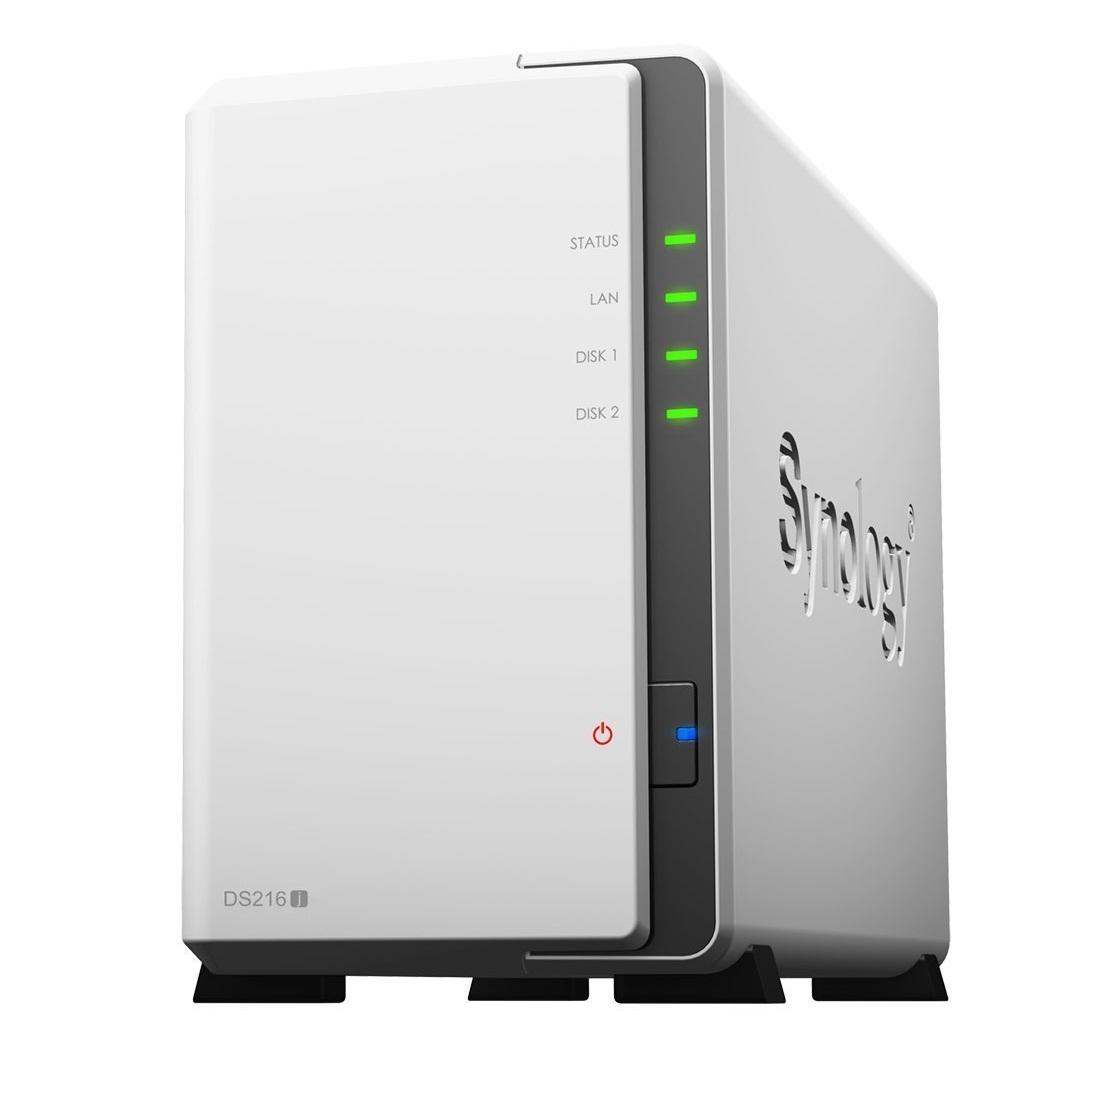 Ổ lưu trữ mạng Synology DS216J (chưa có ổ cứng)